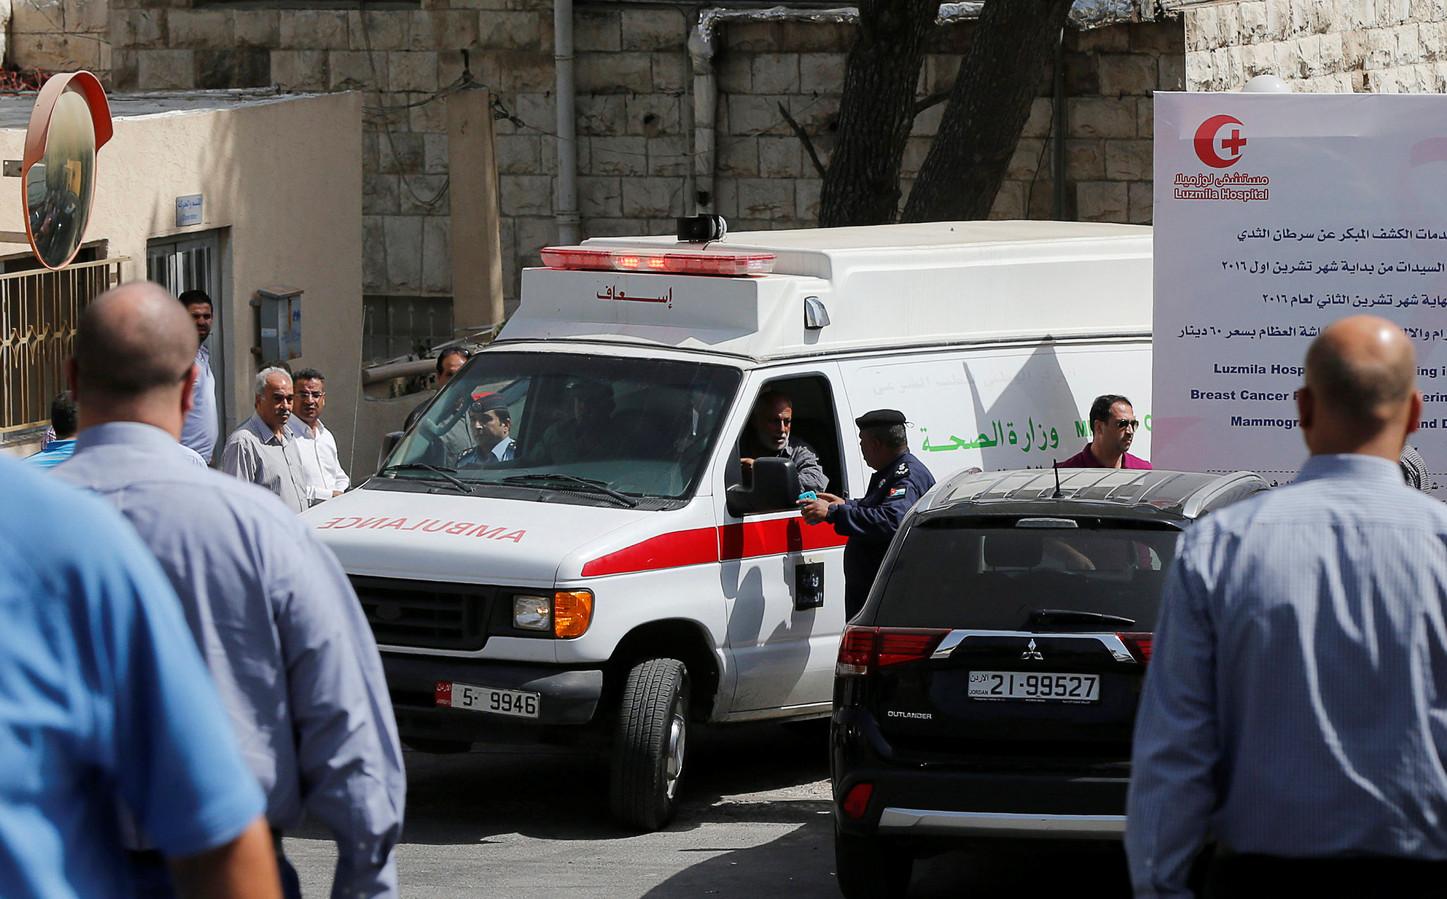 Het lichaam van Nahed Hattar komt aan in een ziekenhuis in Amman